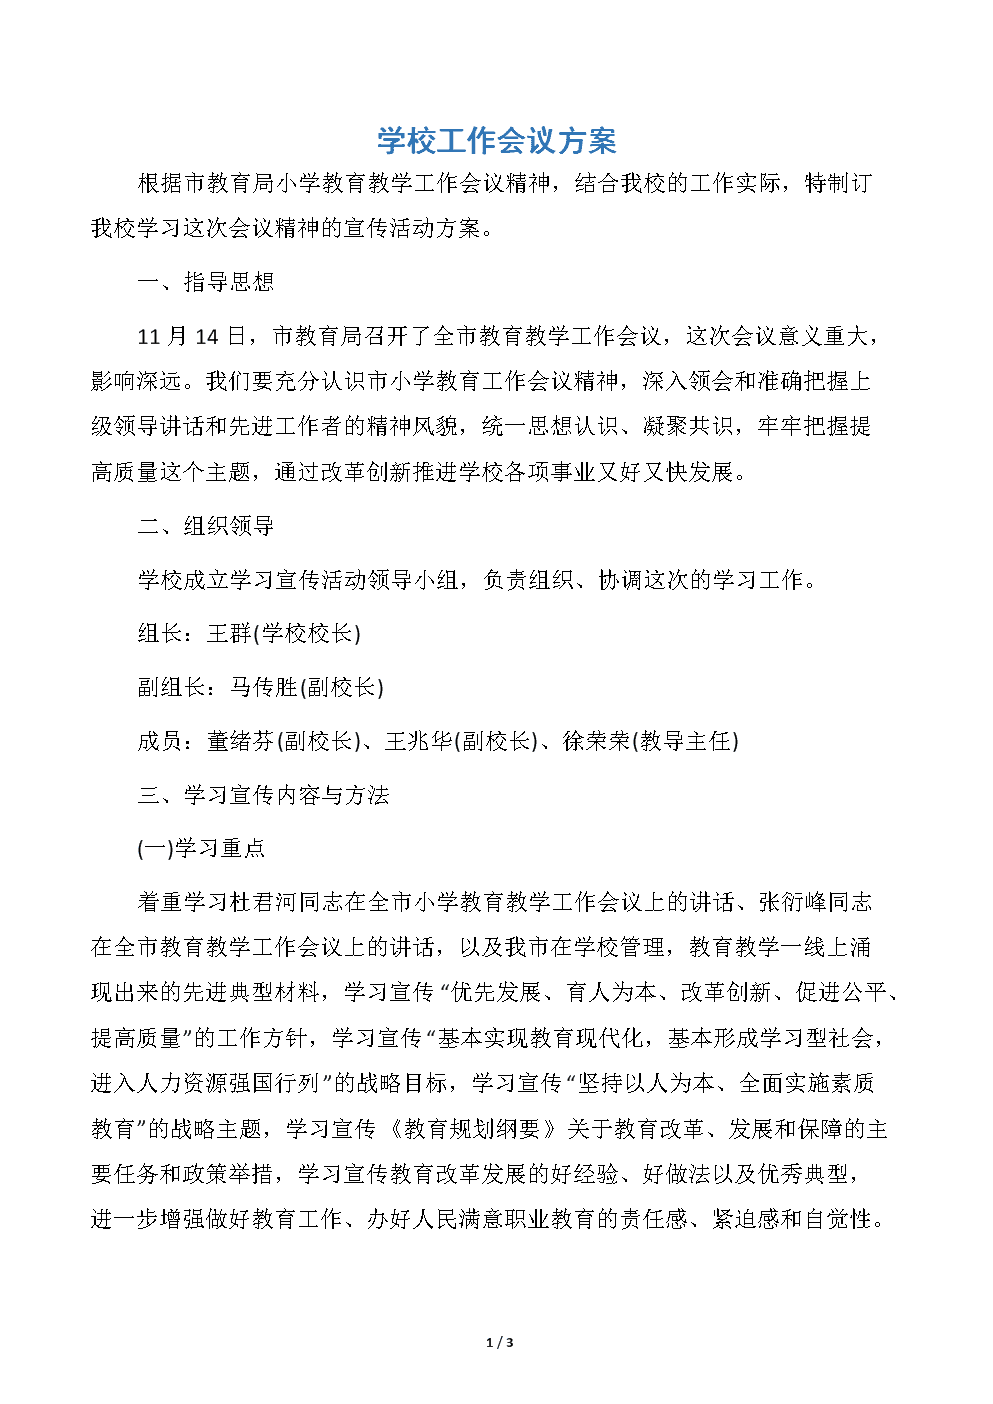 学校工作会议方案.docx